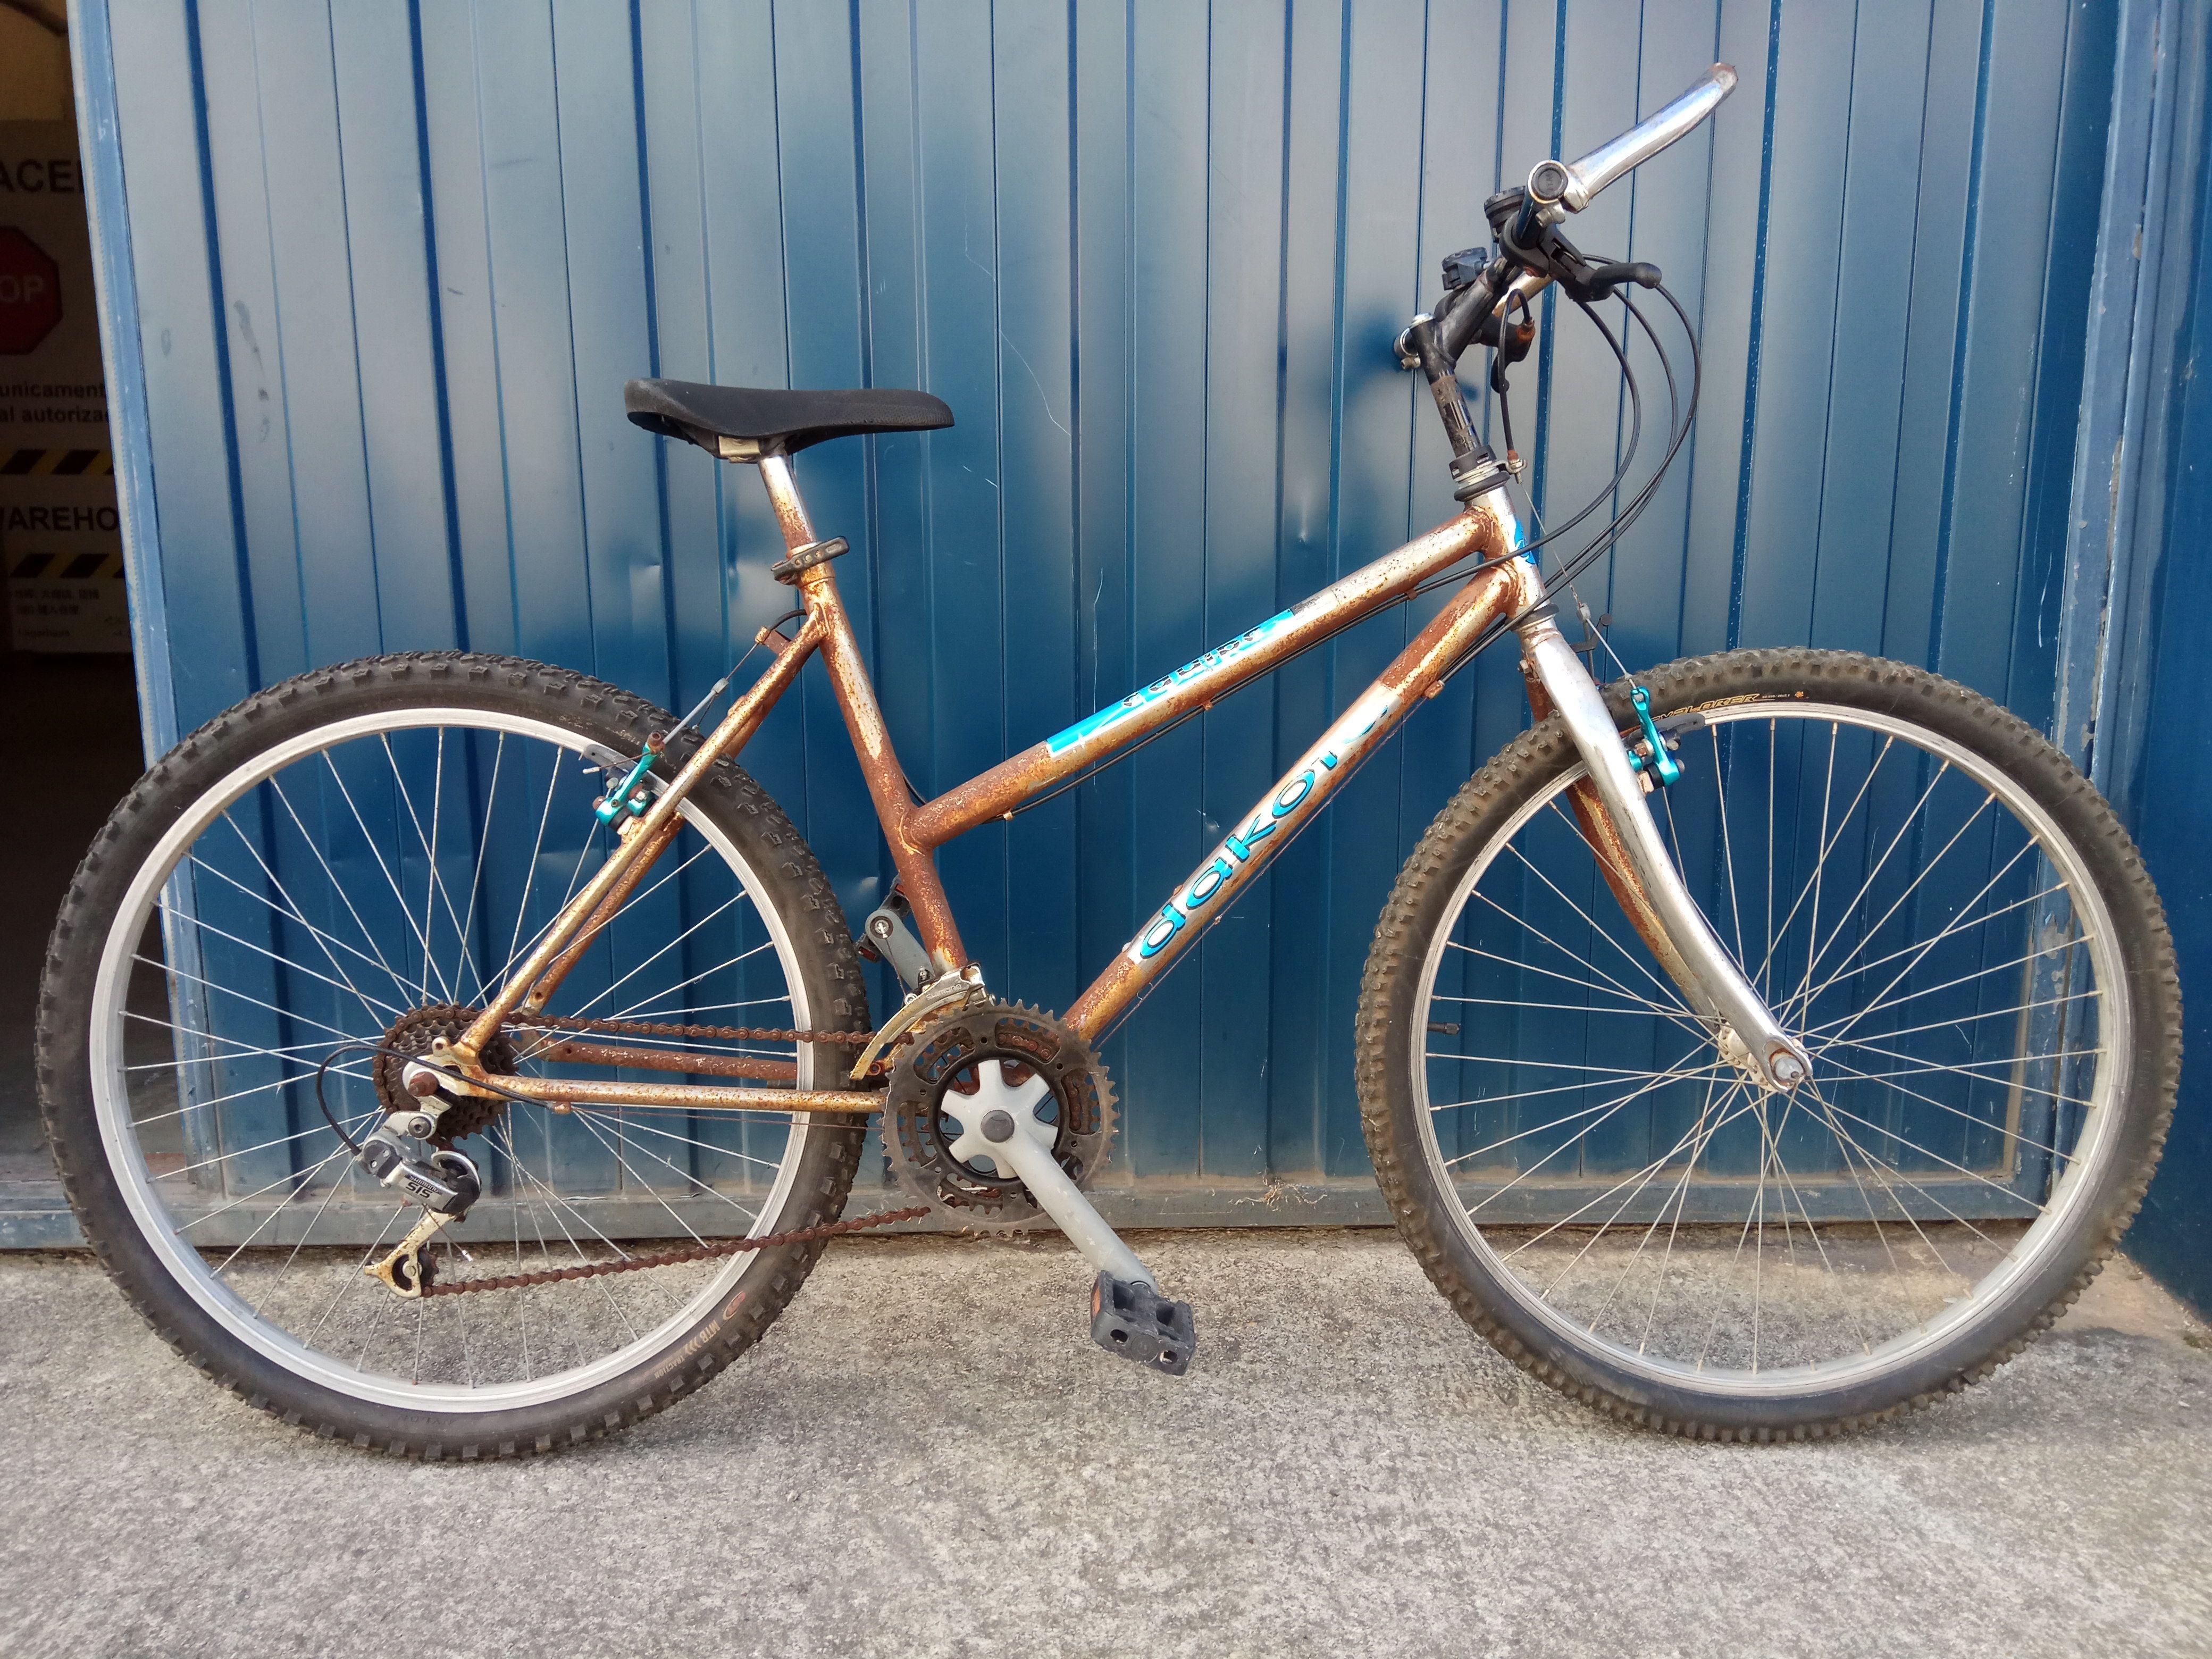 Bicicleta Dakota Equipe 50€ MARCA: Dakota MODELO: Equipe CLASE ...